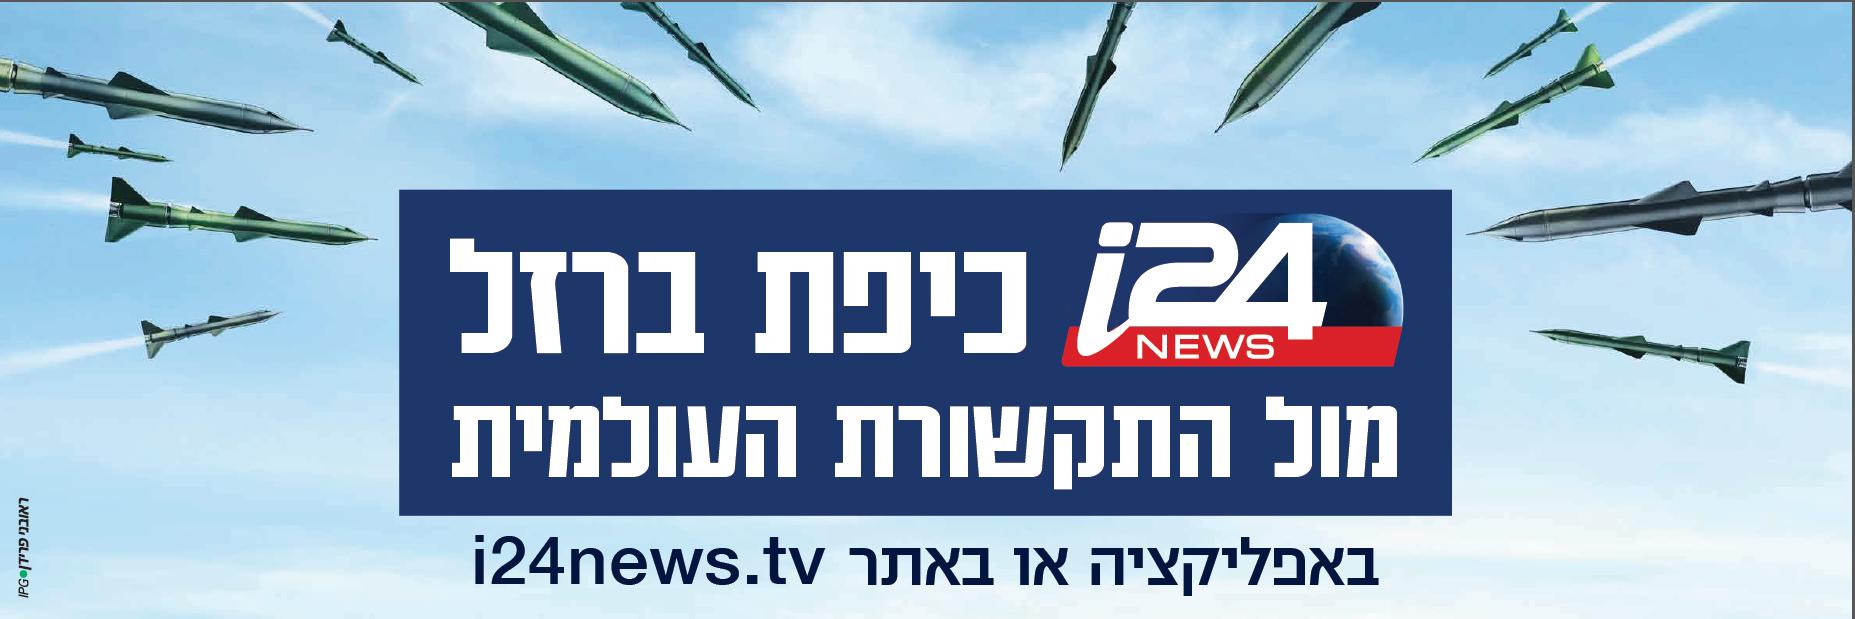 ראובני בקמפיין משולב לערוץ חדשות i24 - כיפת ברזל מול התקשורת העולמית